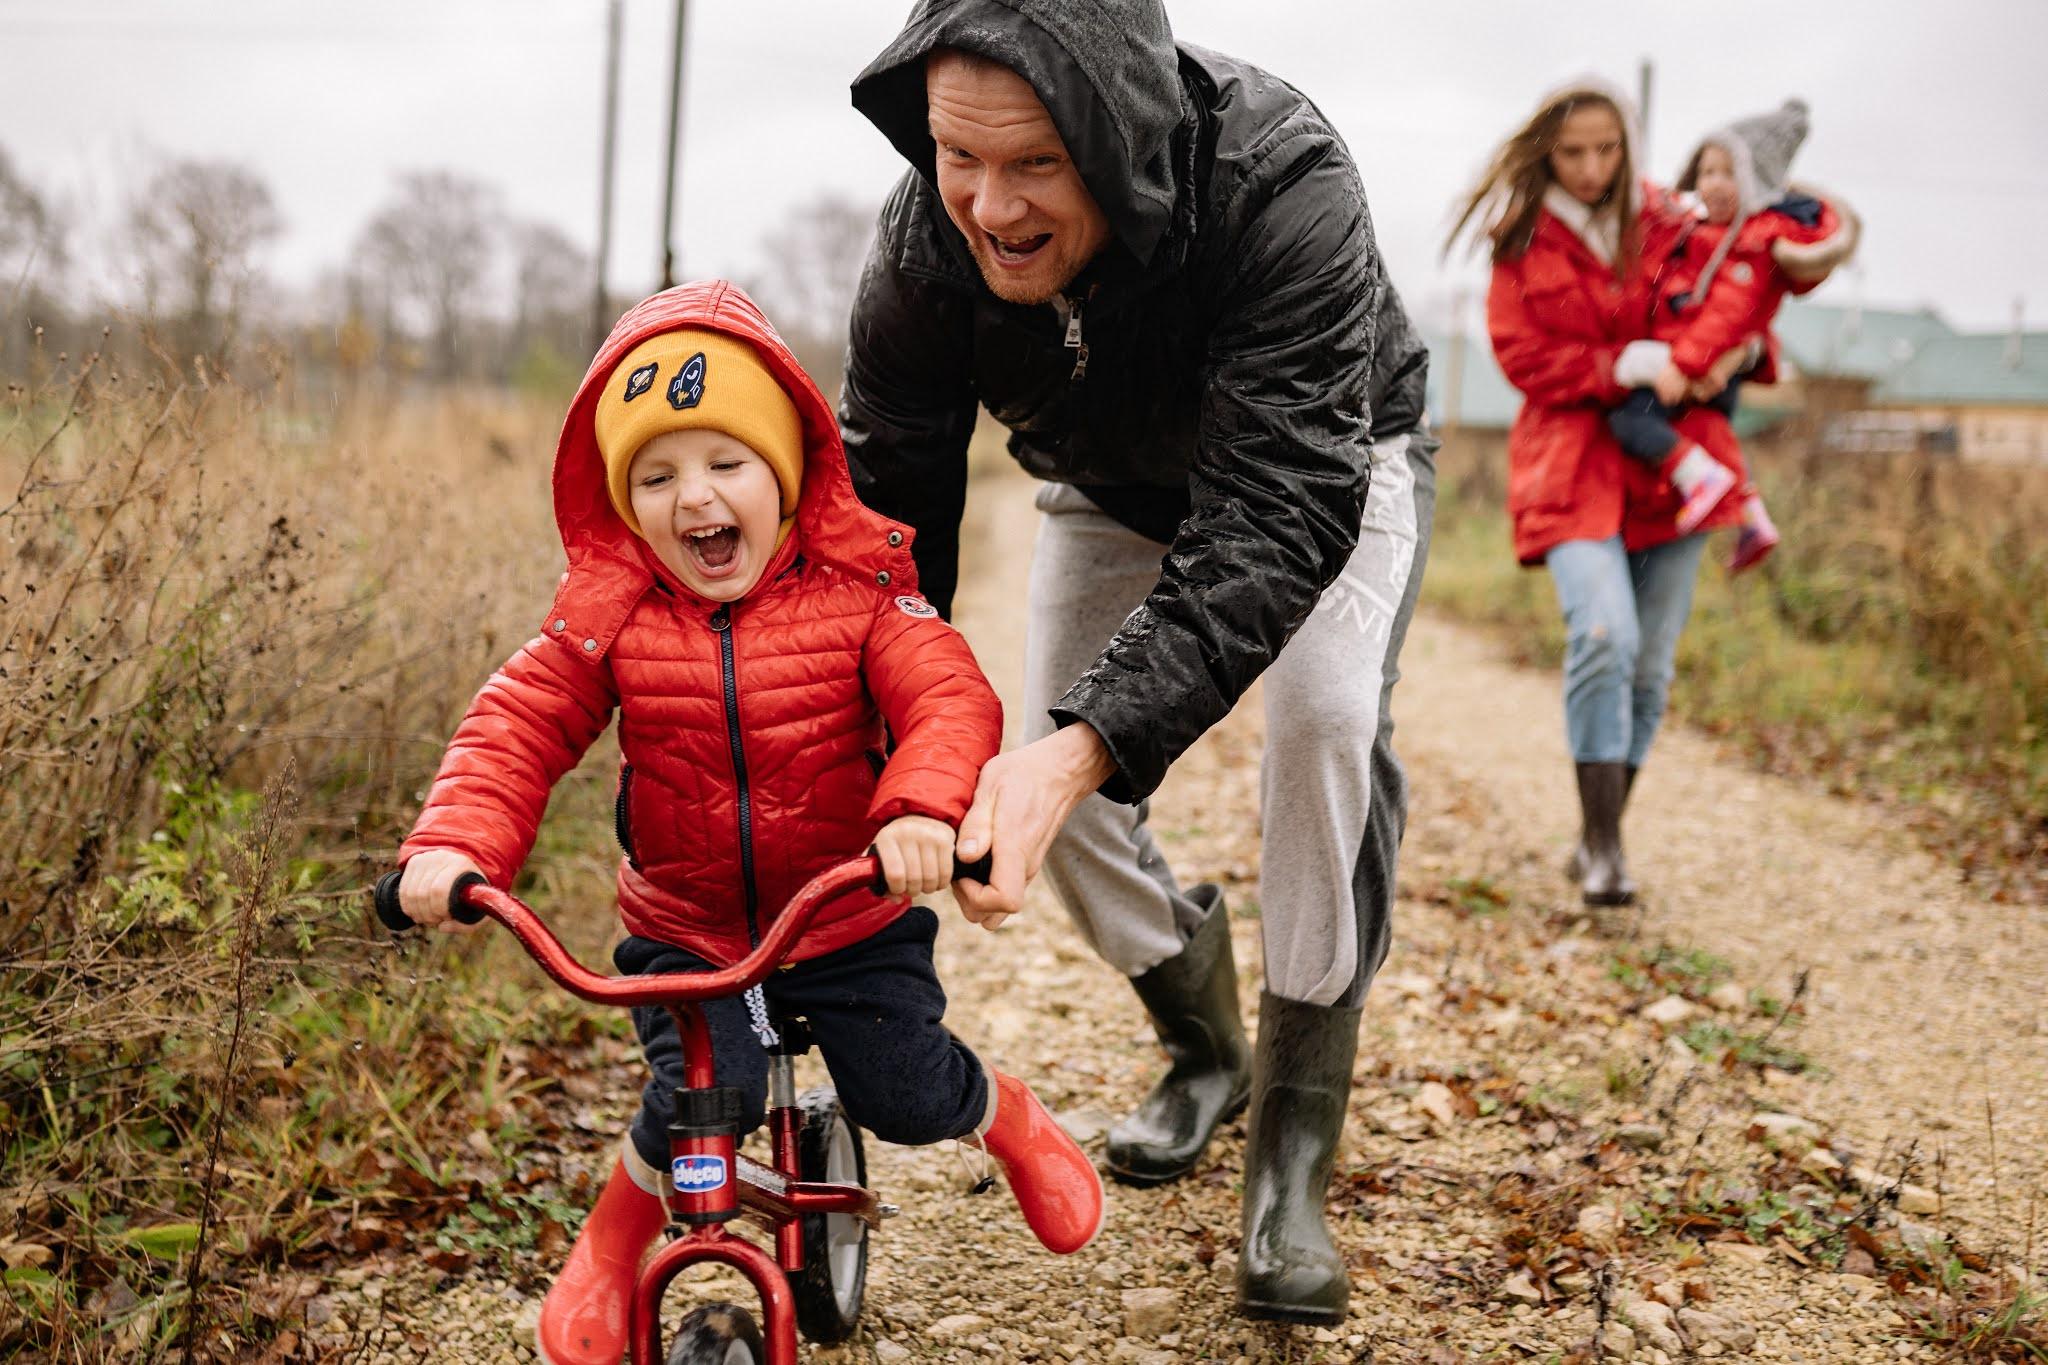 Wybieramy pierwszy rower dla dziecka – przegląd oferty smyk.com